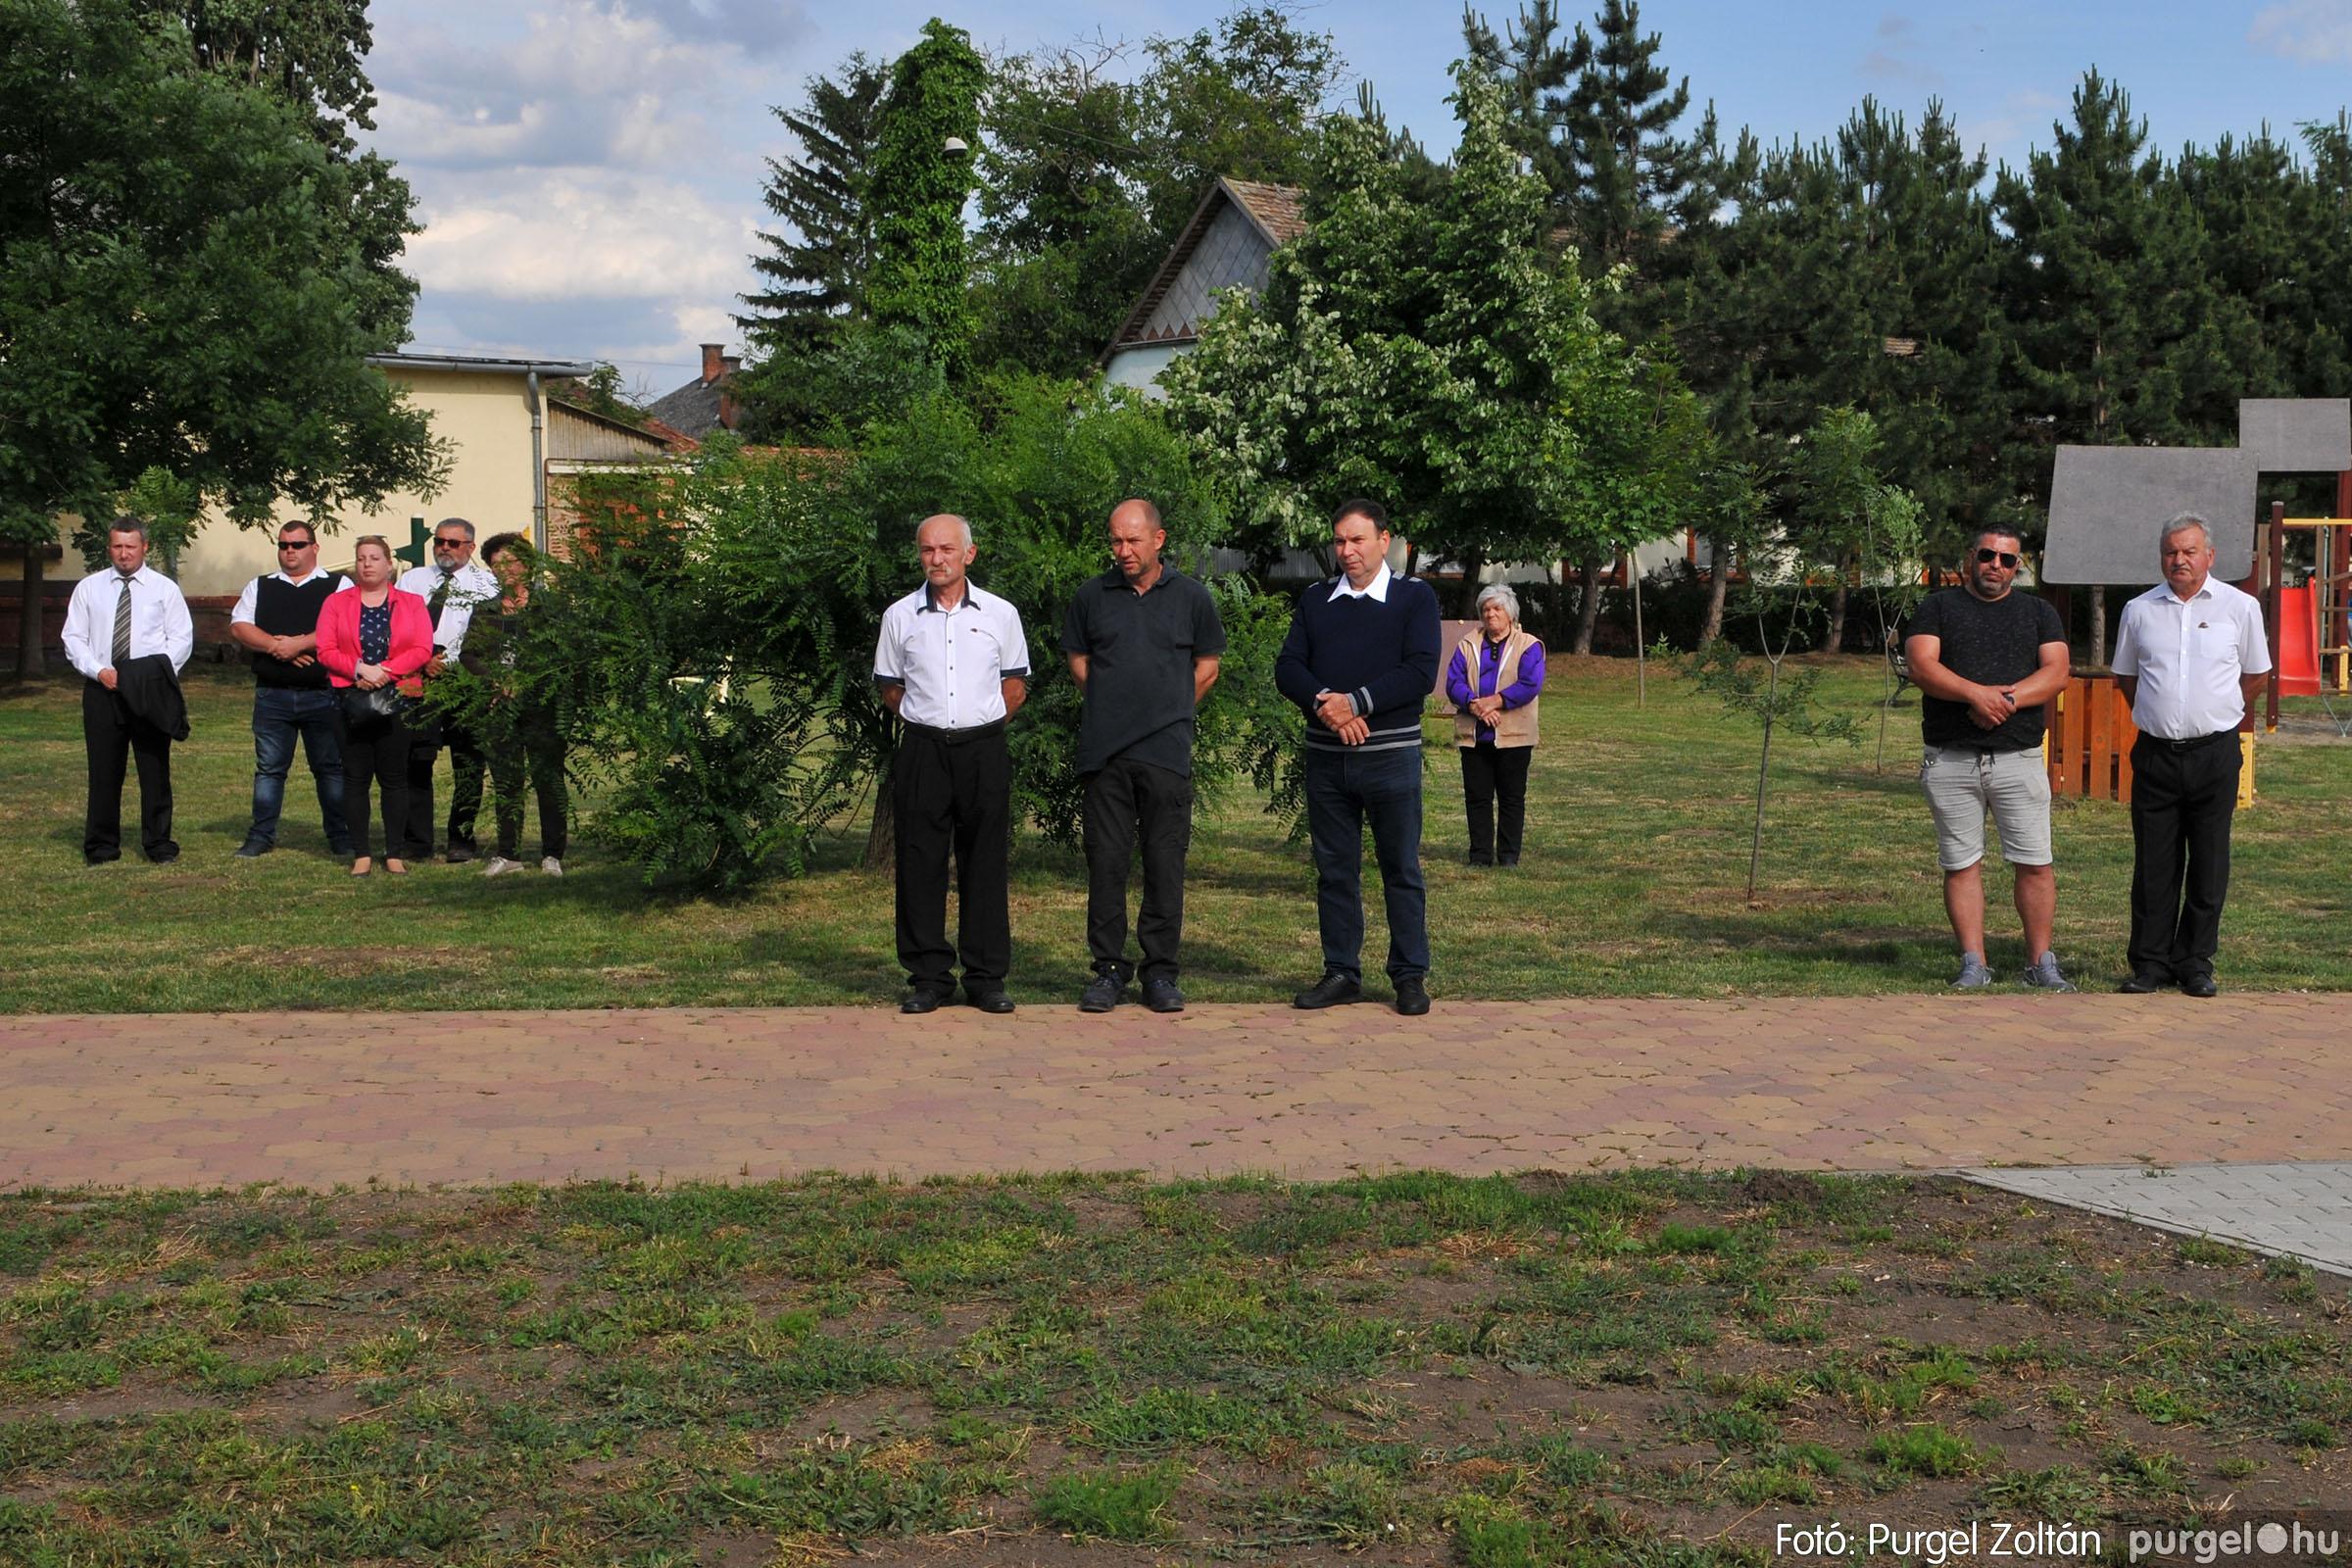 2020.06.04. 024 Trianon 100. évforduló, megemlékezés - Fotó: Purgel Zoltán© - D3K_7294q.jpg